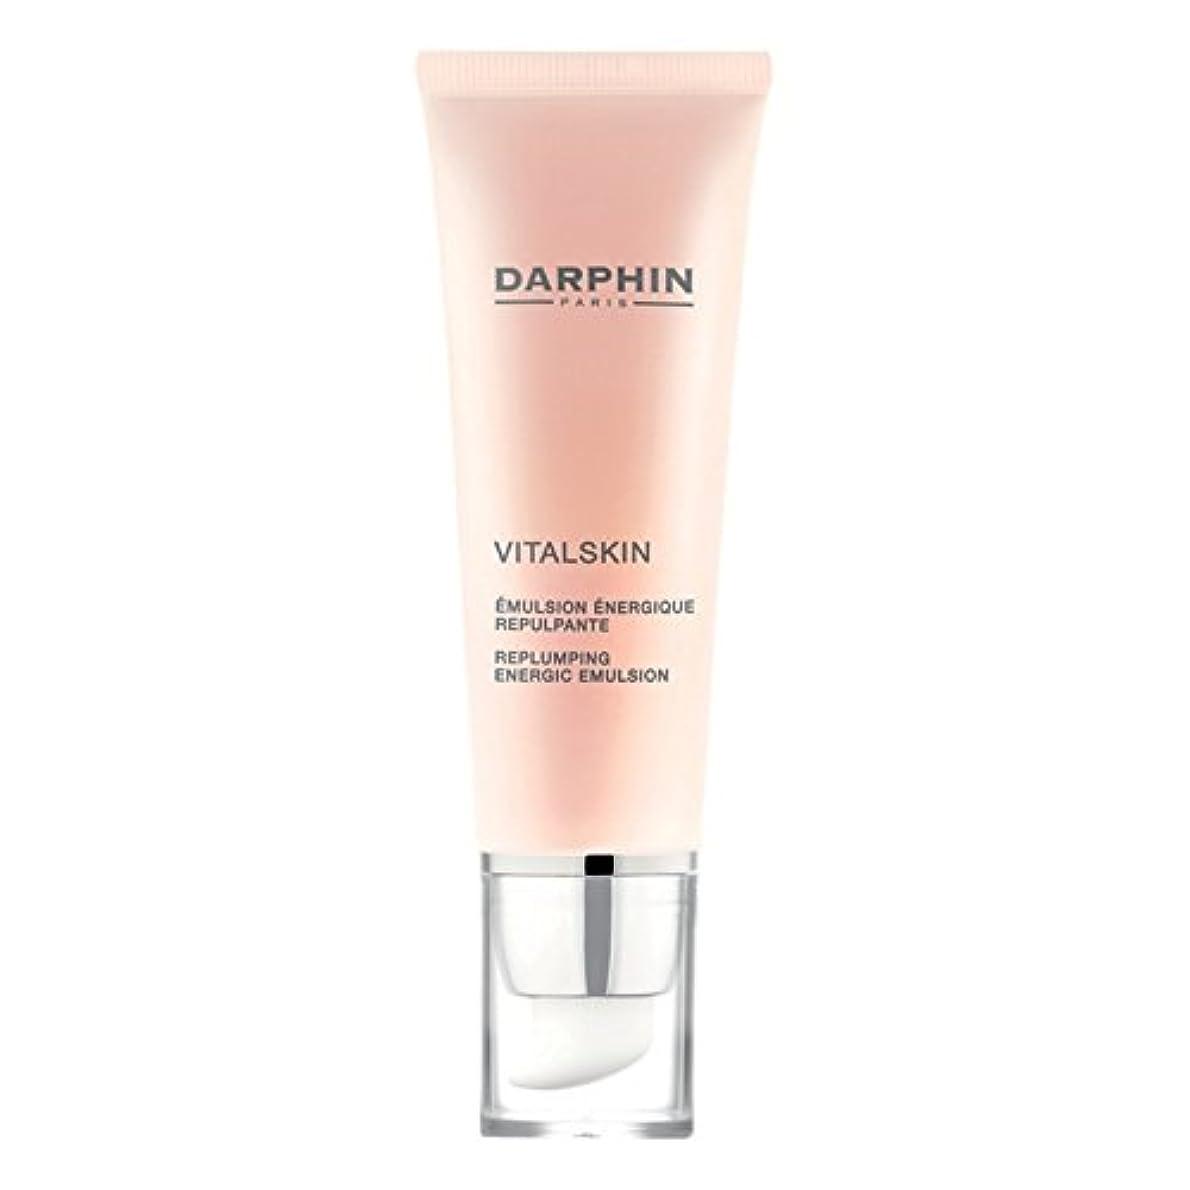 デッキ届ける肝EnergicエマルジョンをReplumping Vitalskinダルファン、50ミリリットル (Darphin) (x6) - Darphin Vitalskin Replumping Energic Emulsion...